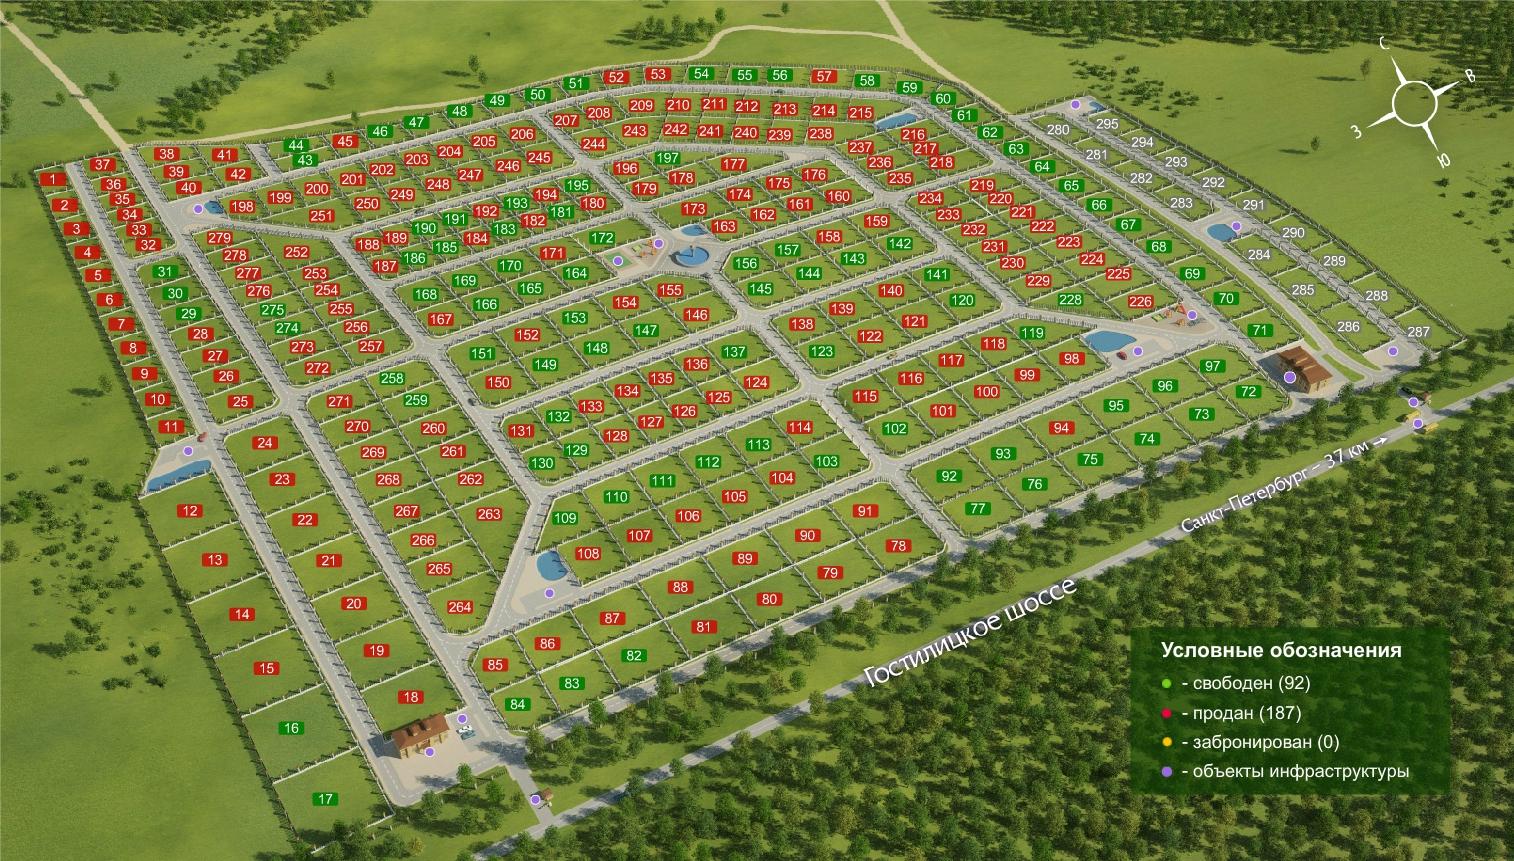 Генеральный план Лубенская долина